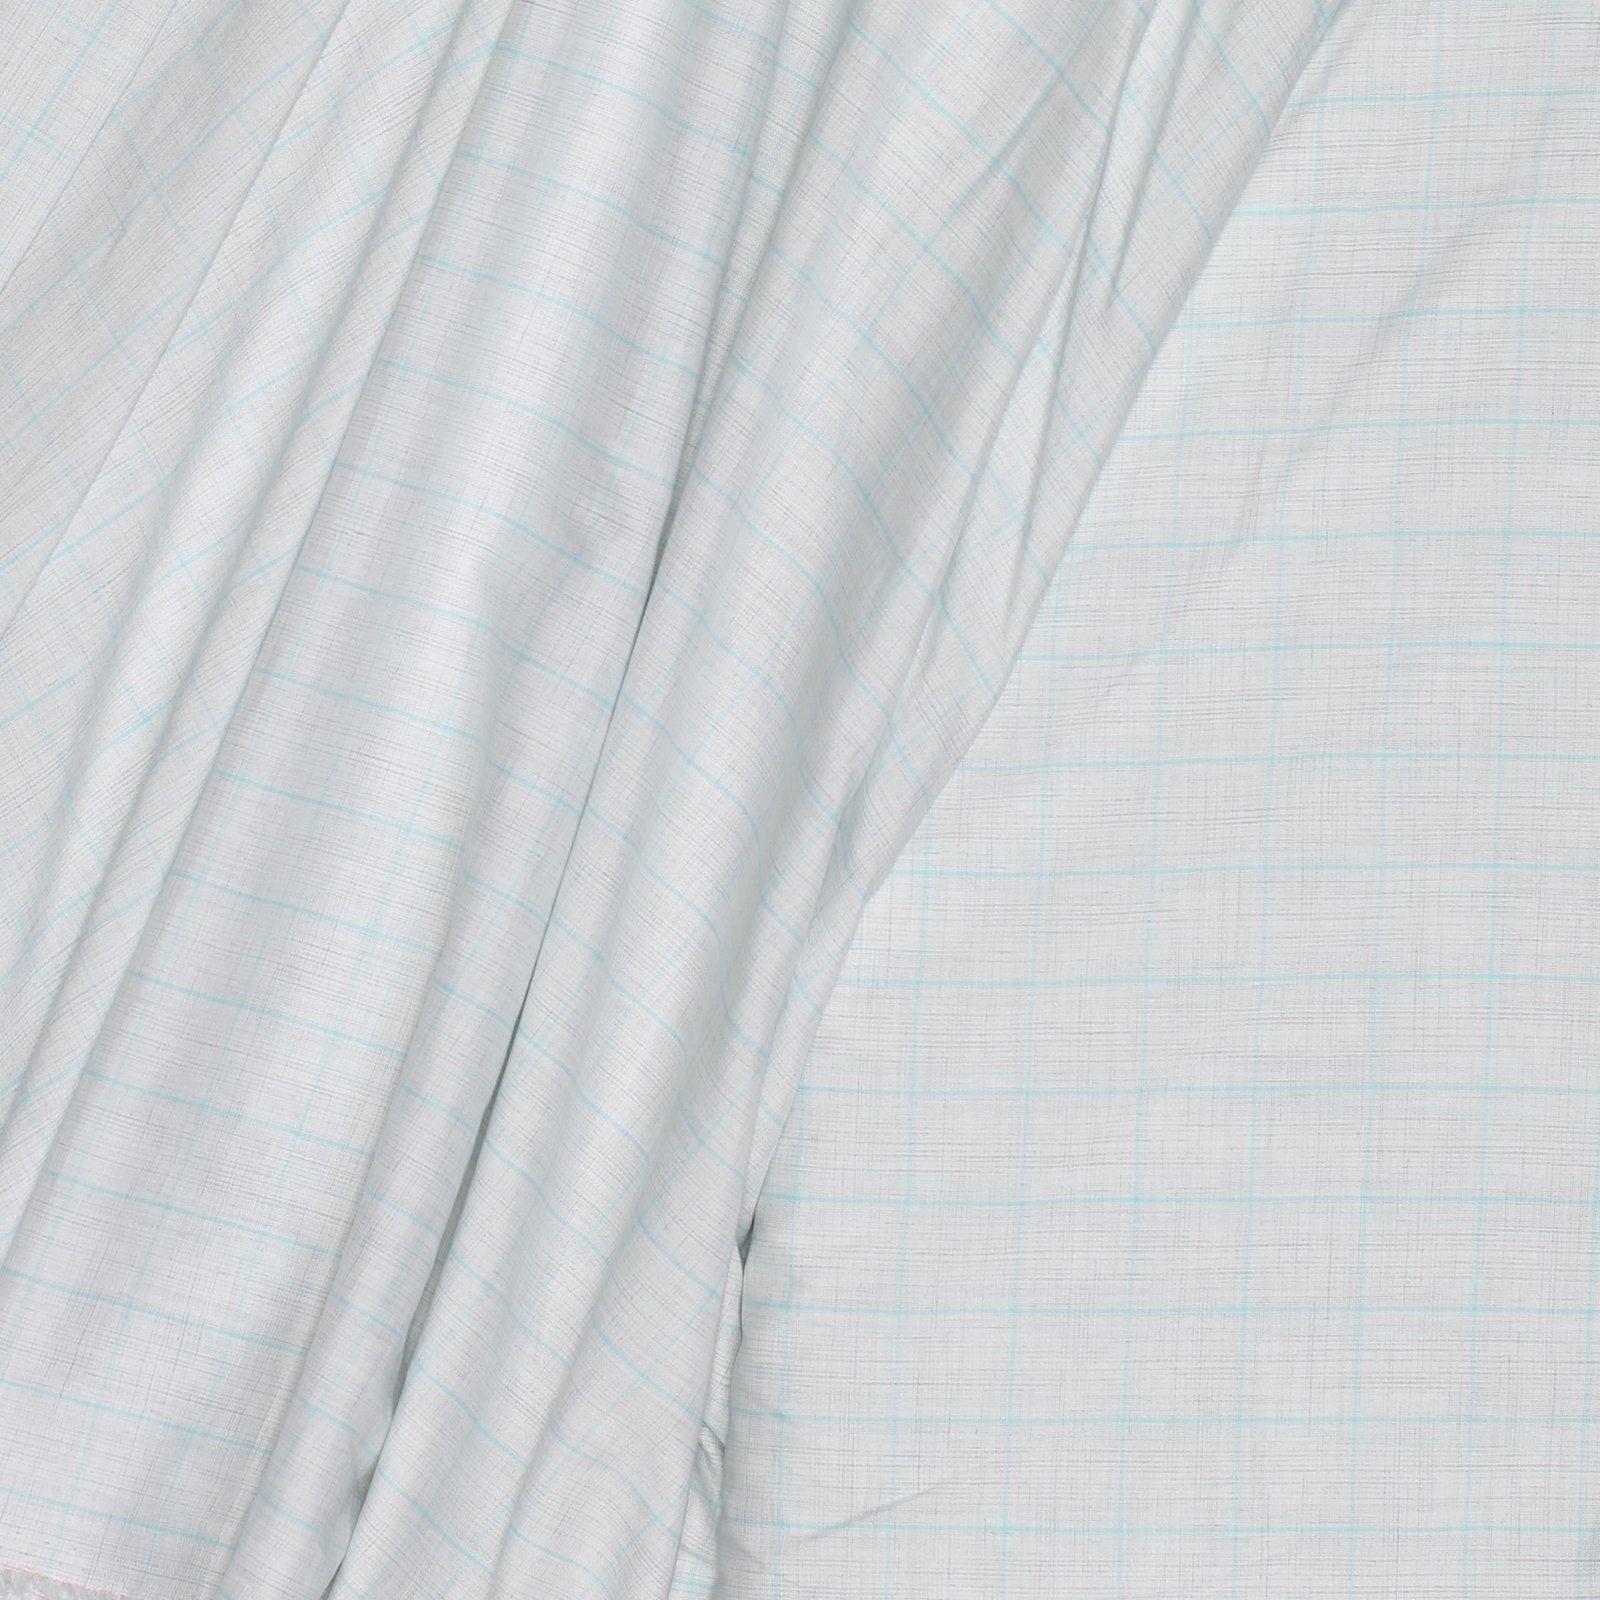 Heathered Ecru w/ Teal Window Pane Italian 120s 2PLY Cotton